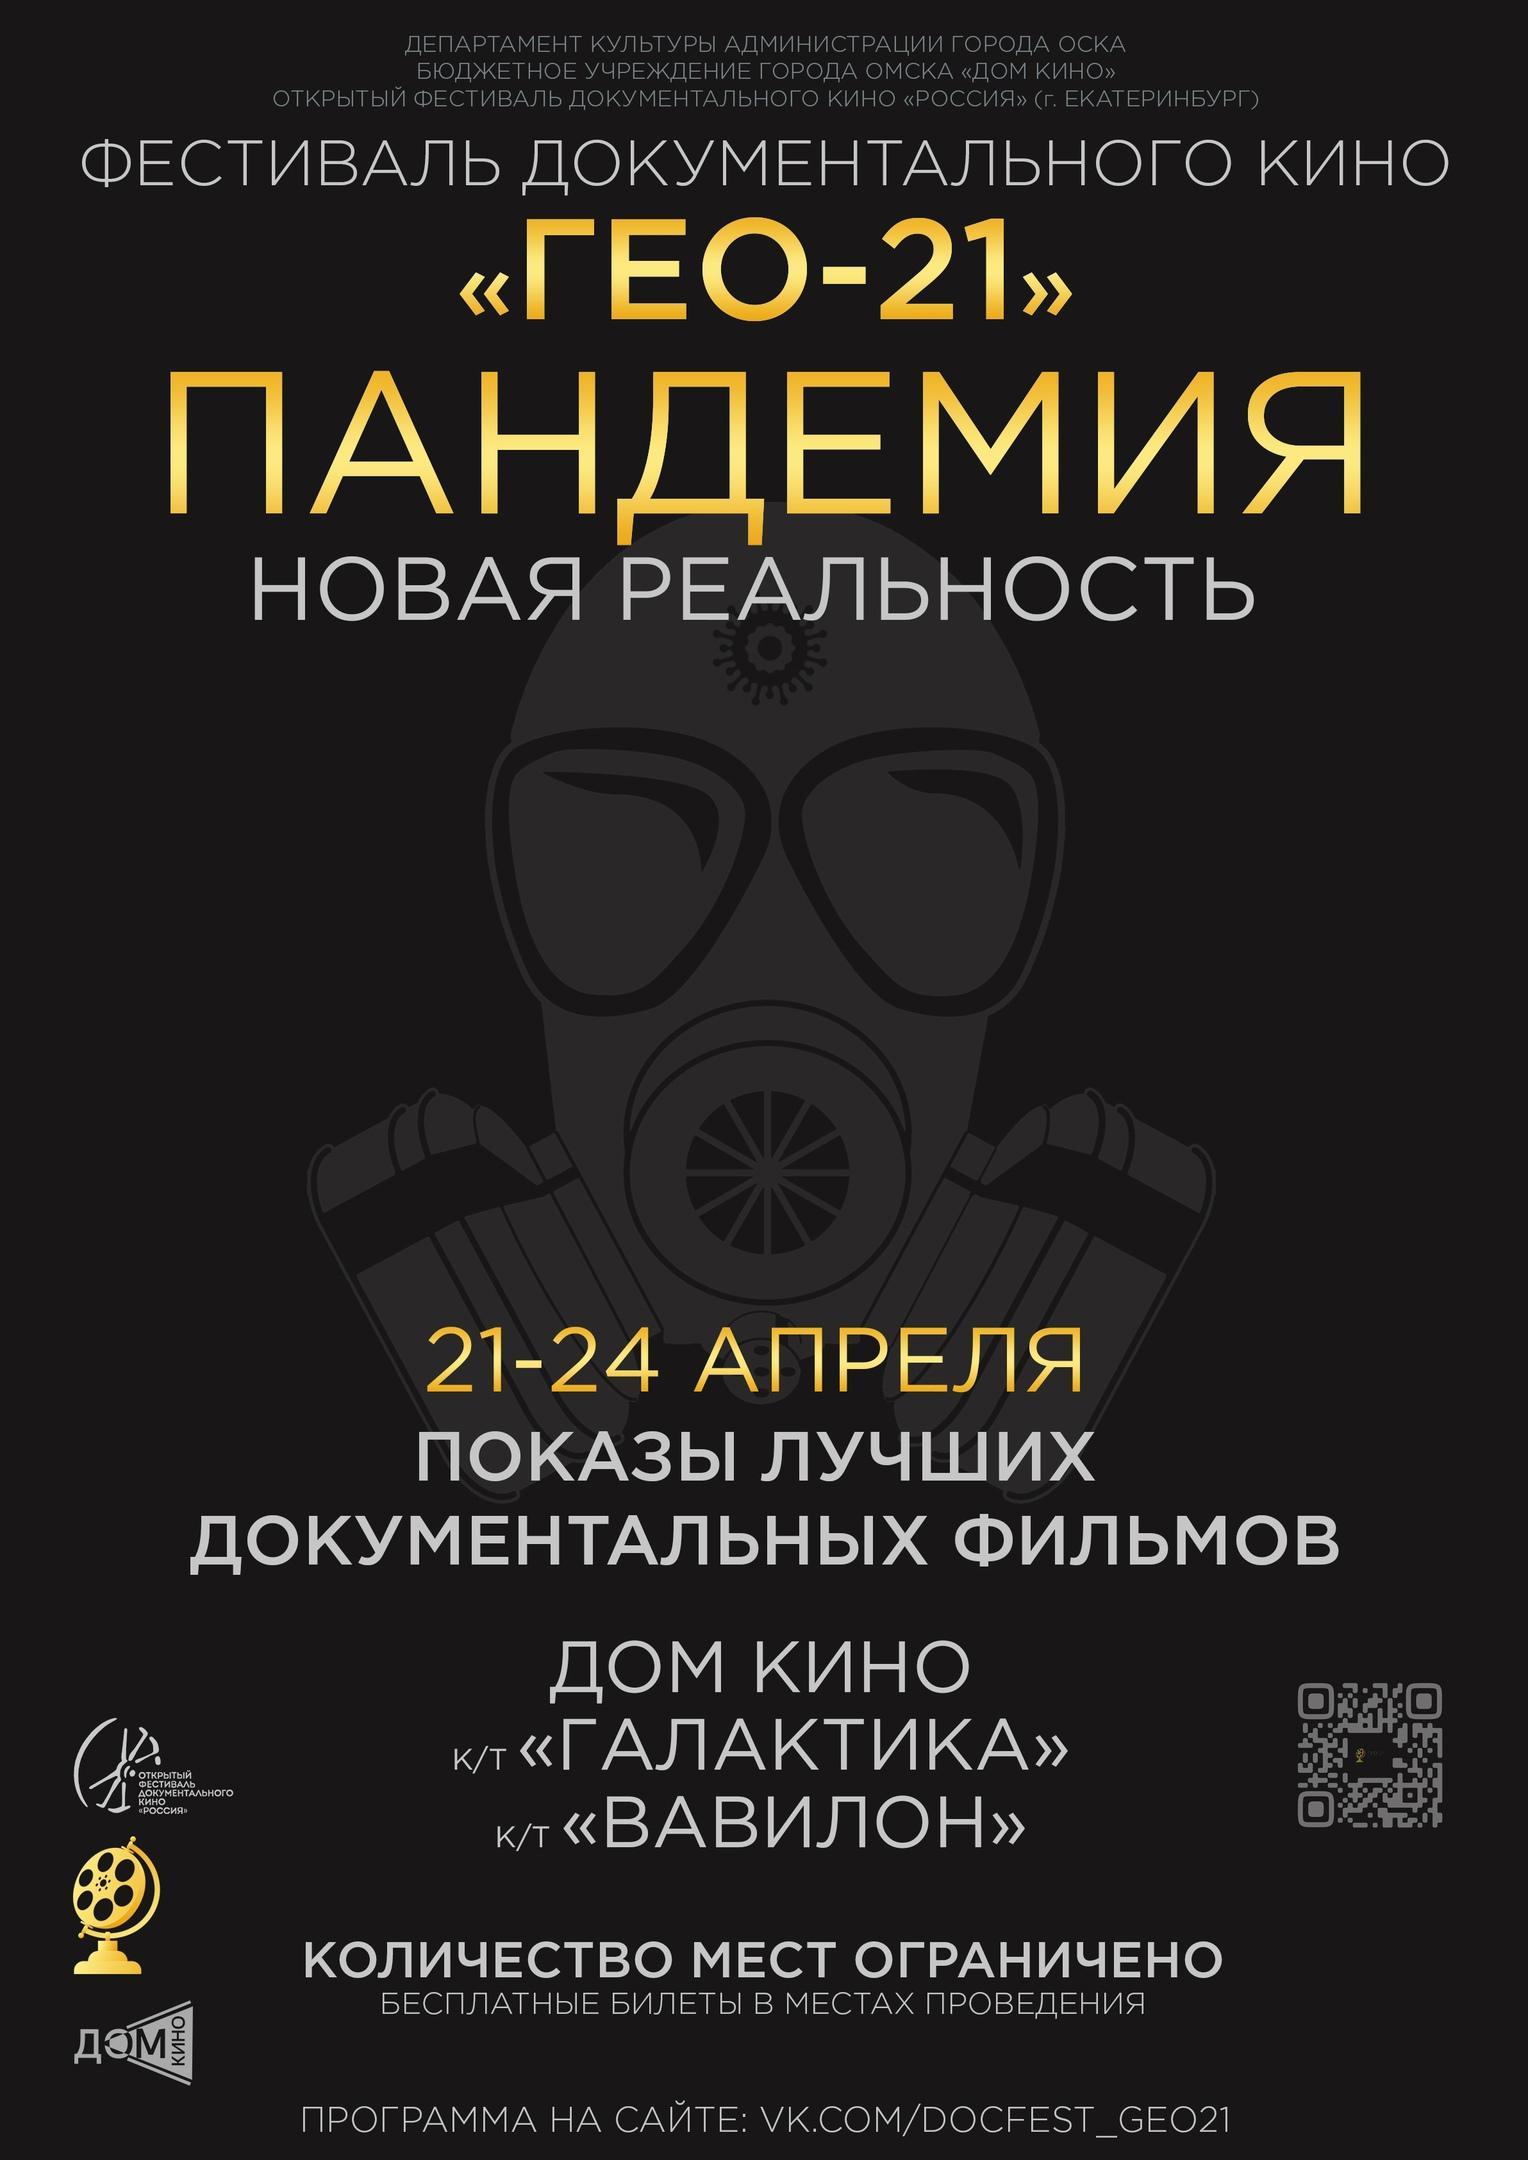 фото Омичей приглашают на кинофестиваль «ГЕО-21» 2